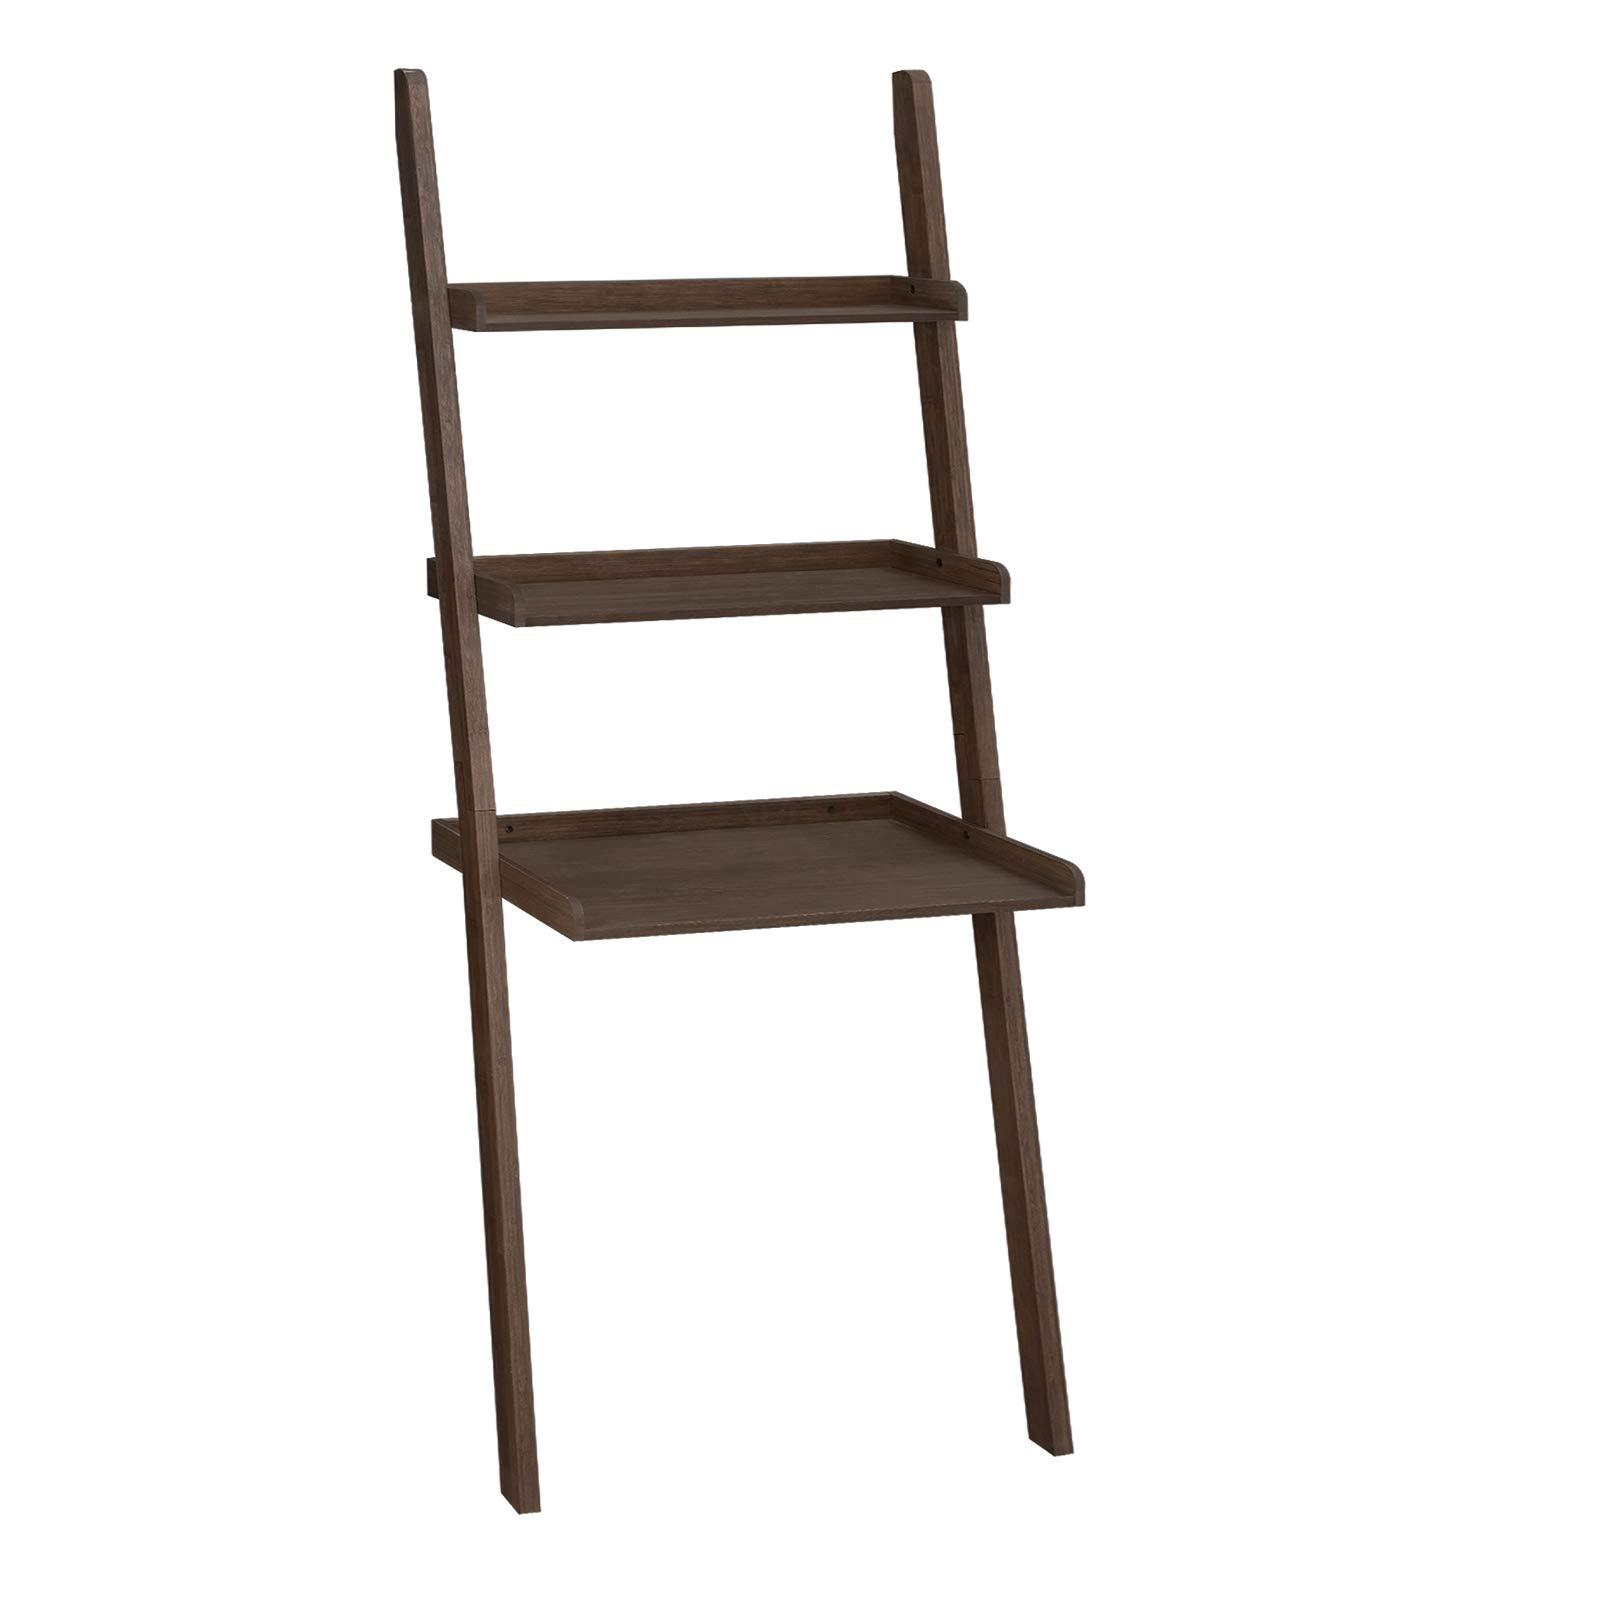 VASAGLE Ladder Shelf, 100% Bamboo Bookshelf, 3-Tier Home Office Desk, Display and Storage for Living Room, Bedroom, Walnut ULLS13BR by VASAGLE